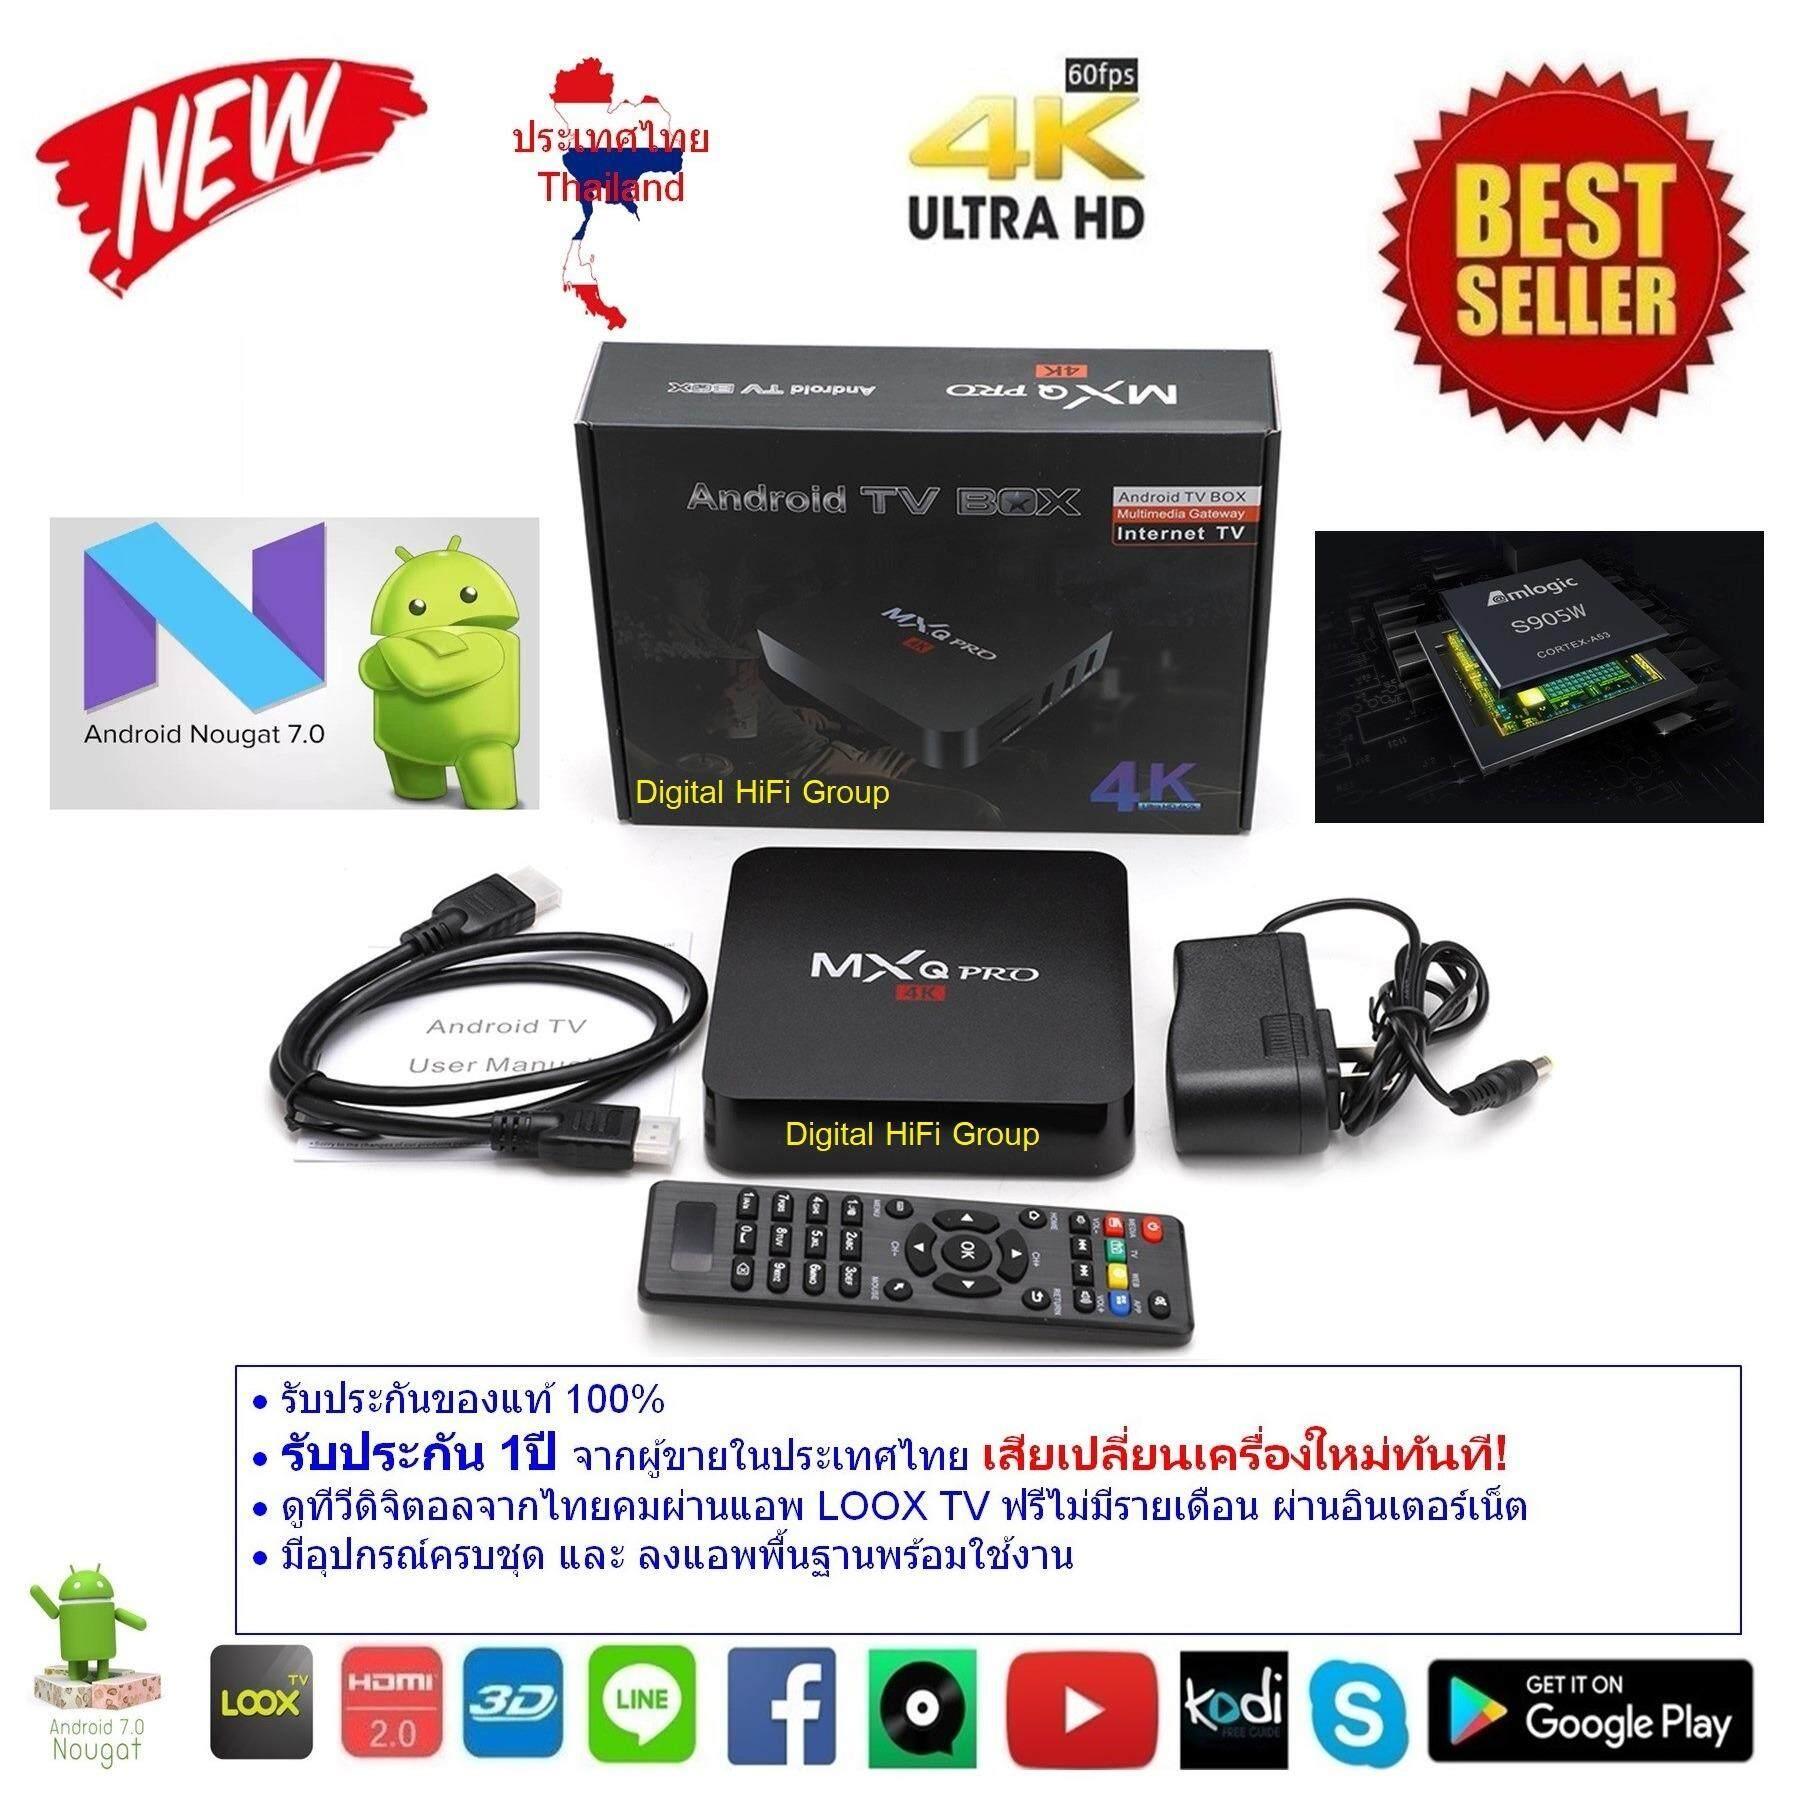 เชียงราย 【MXQ Pro】Android Smart Box MXQ Pro UHD 4K Ram 1GB DDR3 Android 7.1.2 Nougat รุ่นใหม่ล่าสุด